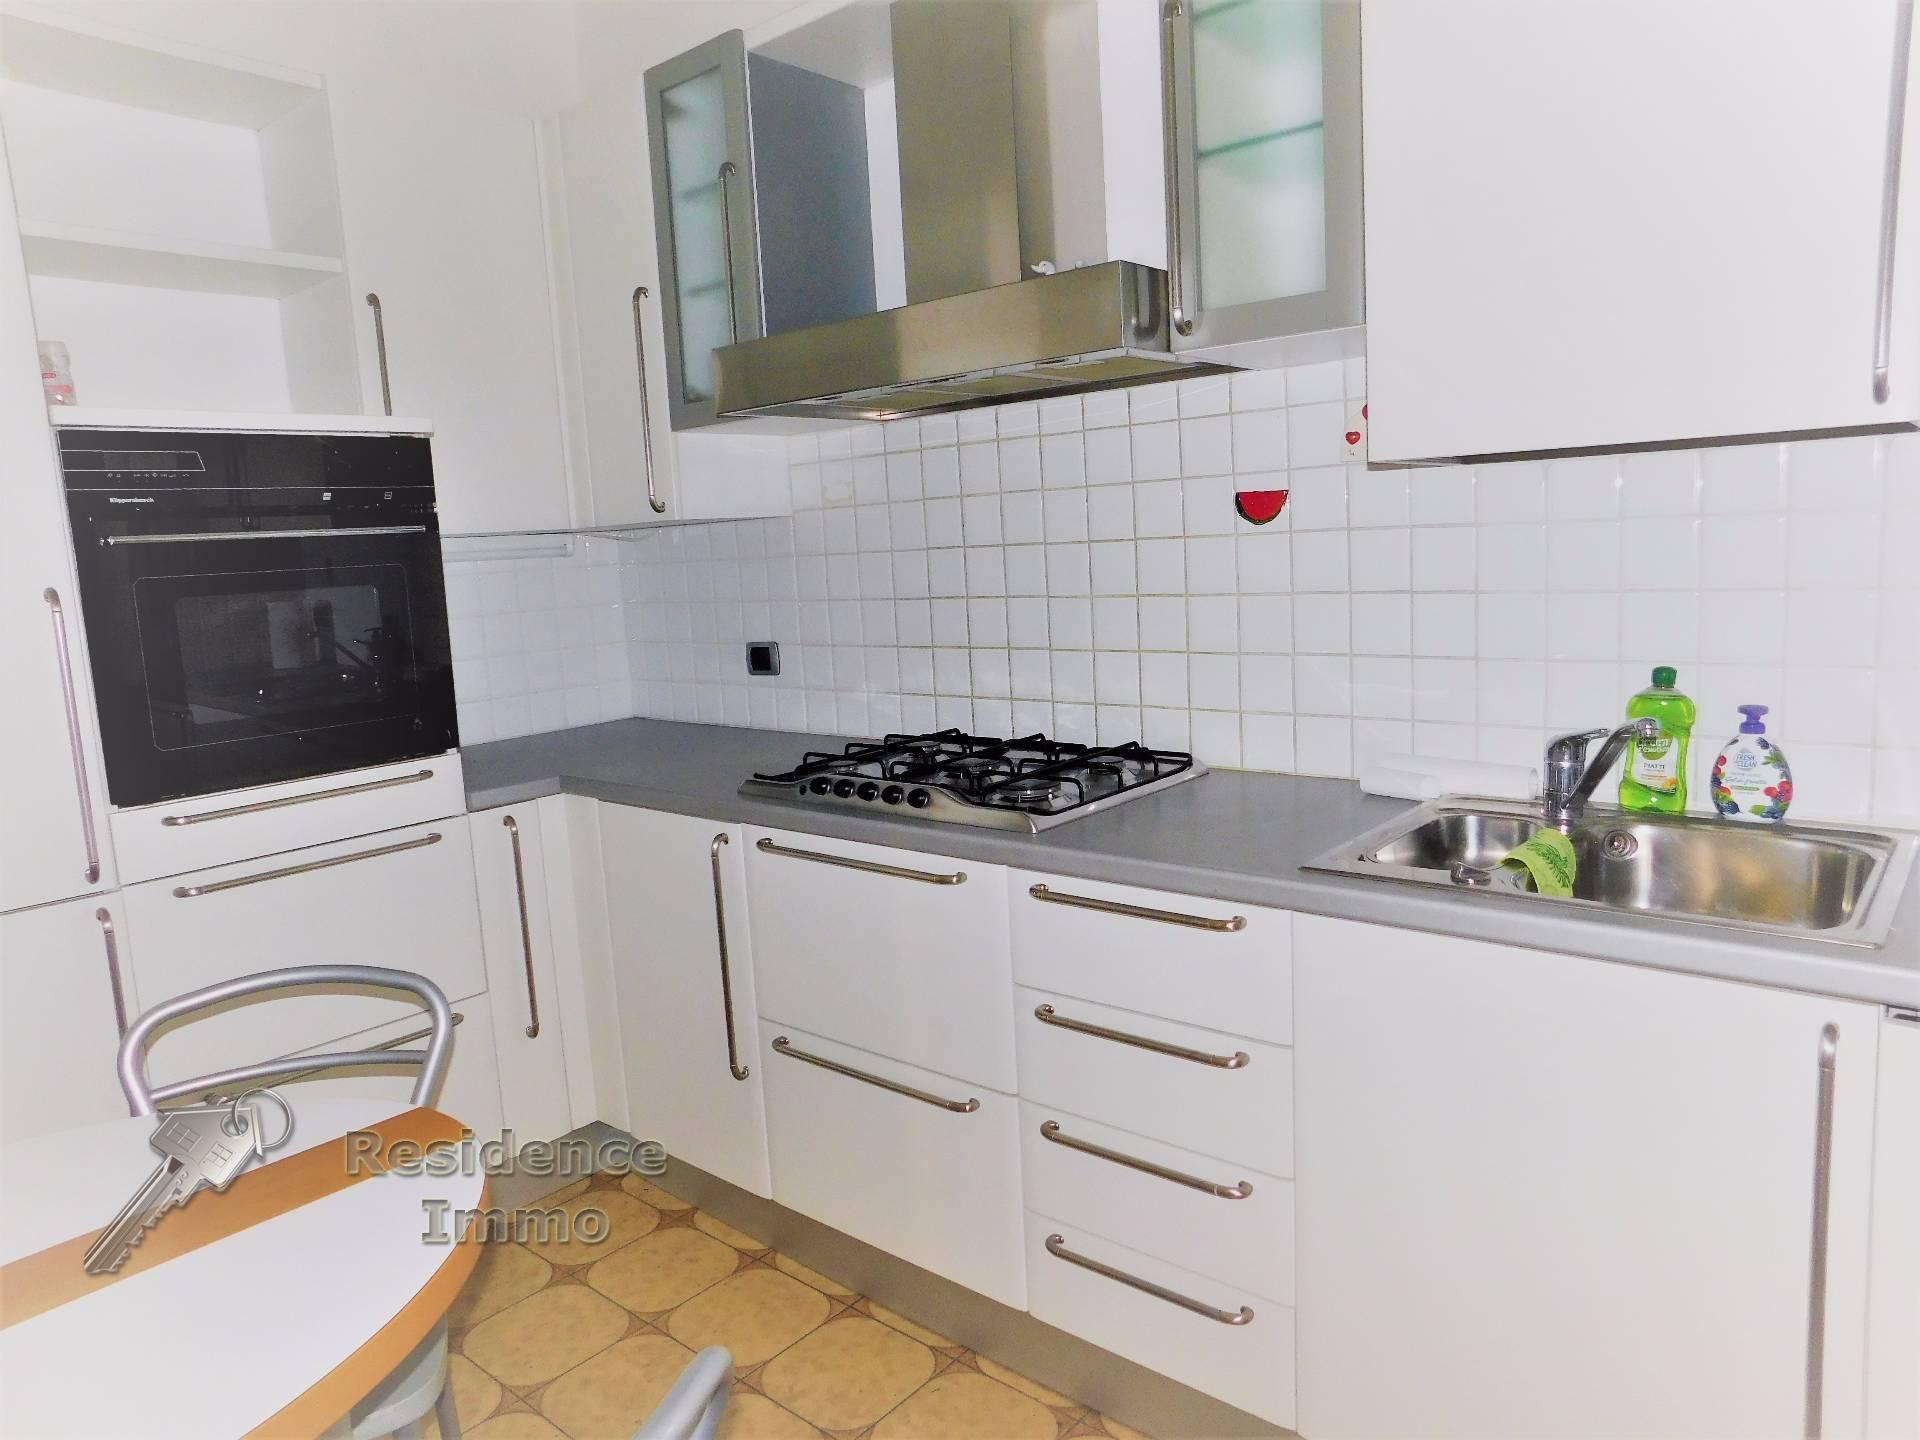 Appartamento in vendita a Bolzano, 3 locali, zona Zona: Residenziale, prezzo € 248.000   CambioCasa.it